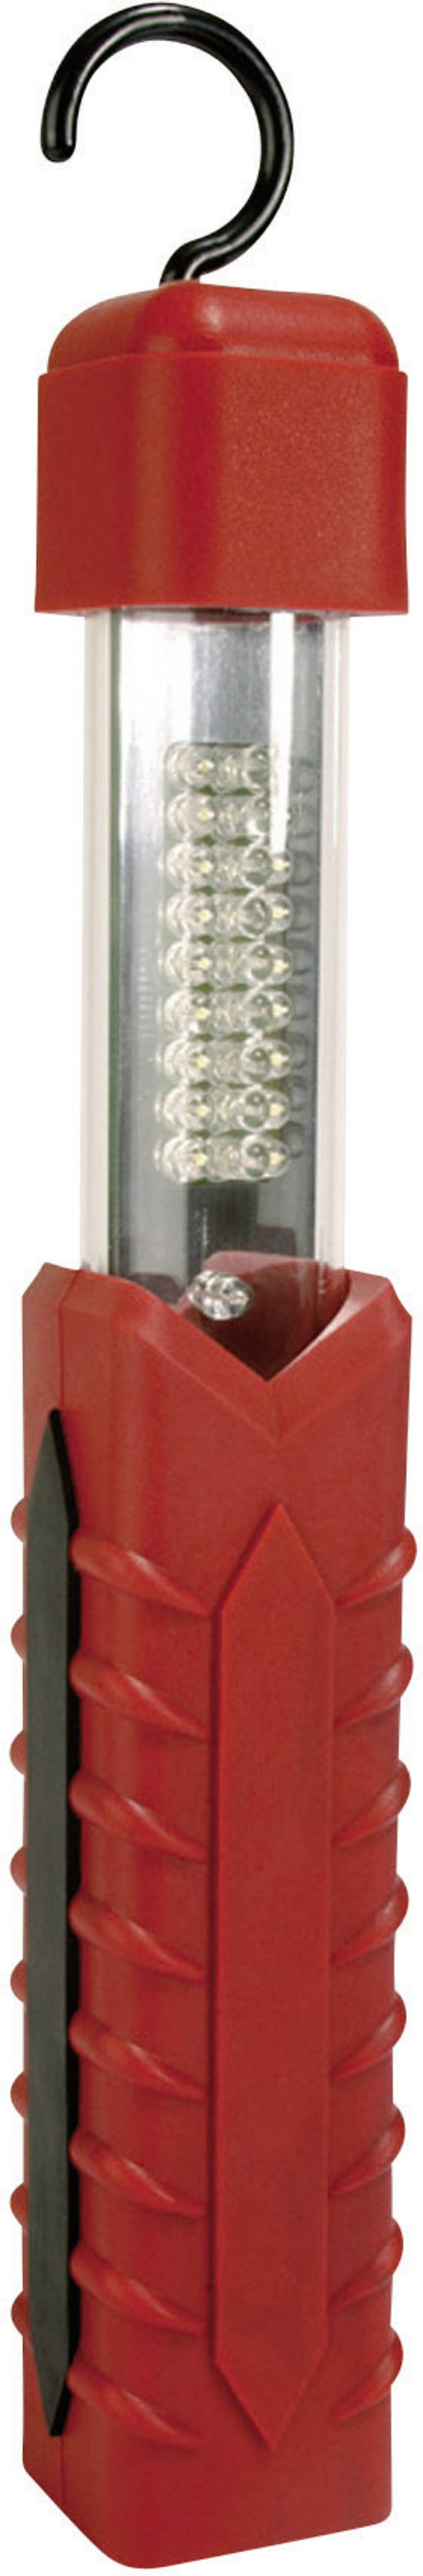 Image of Testboy LED werklamp Light 500 IP54